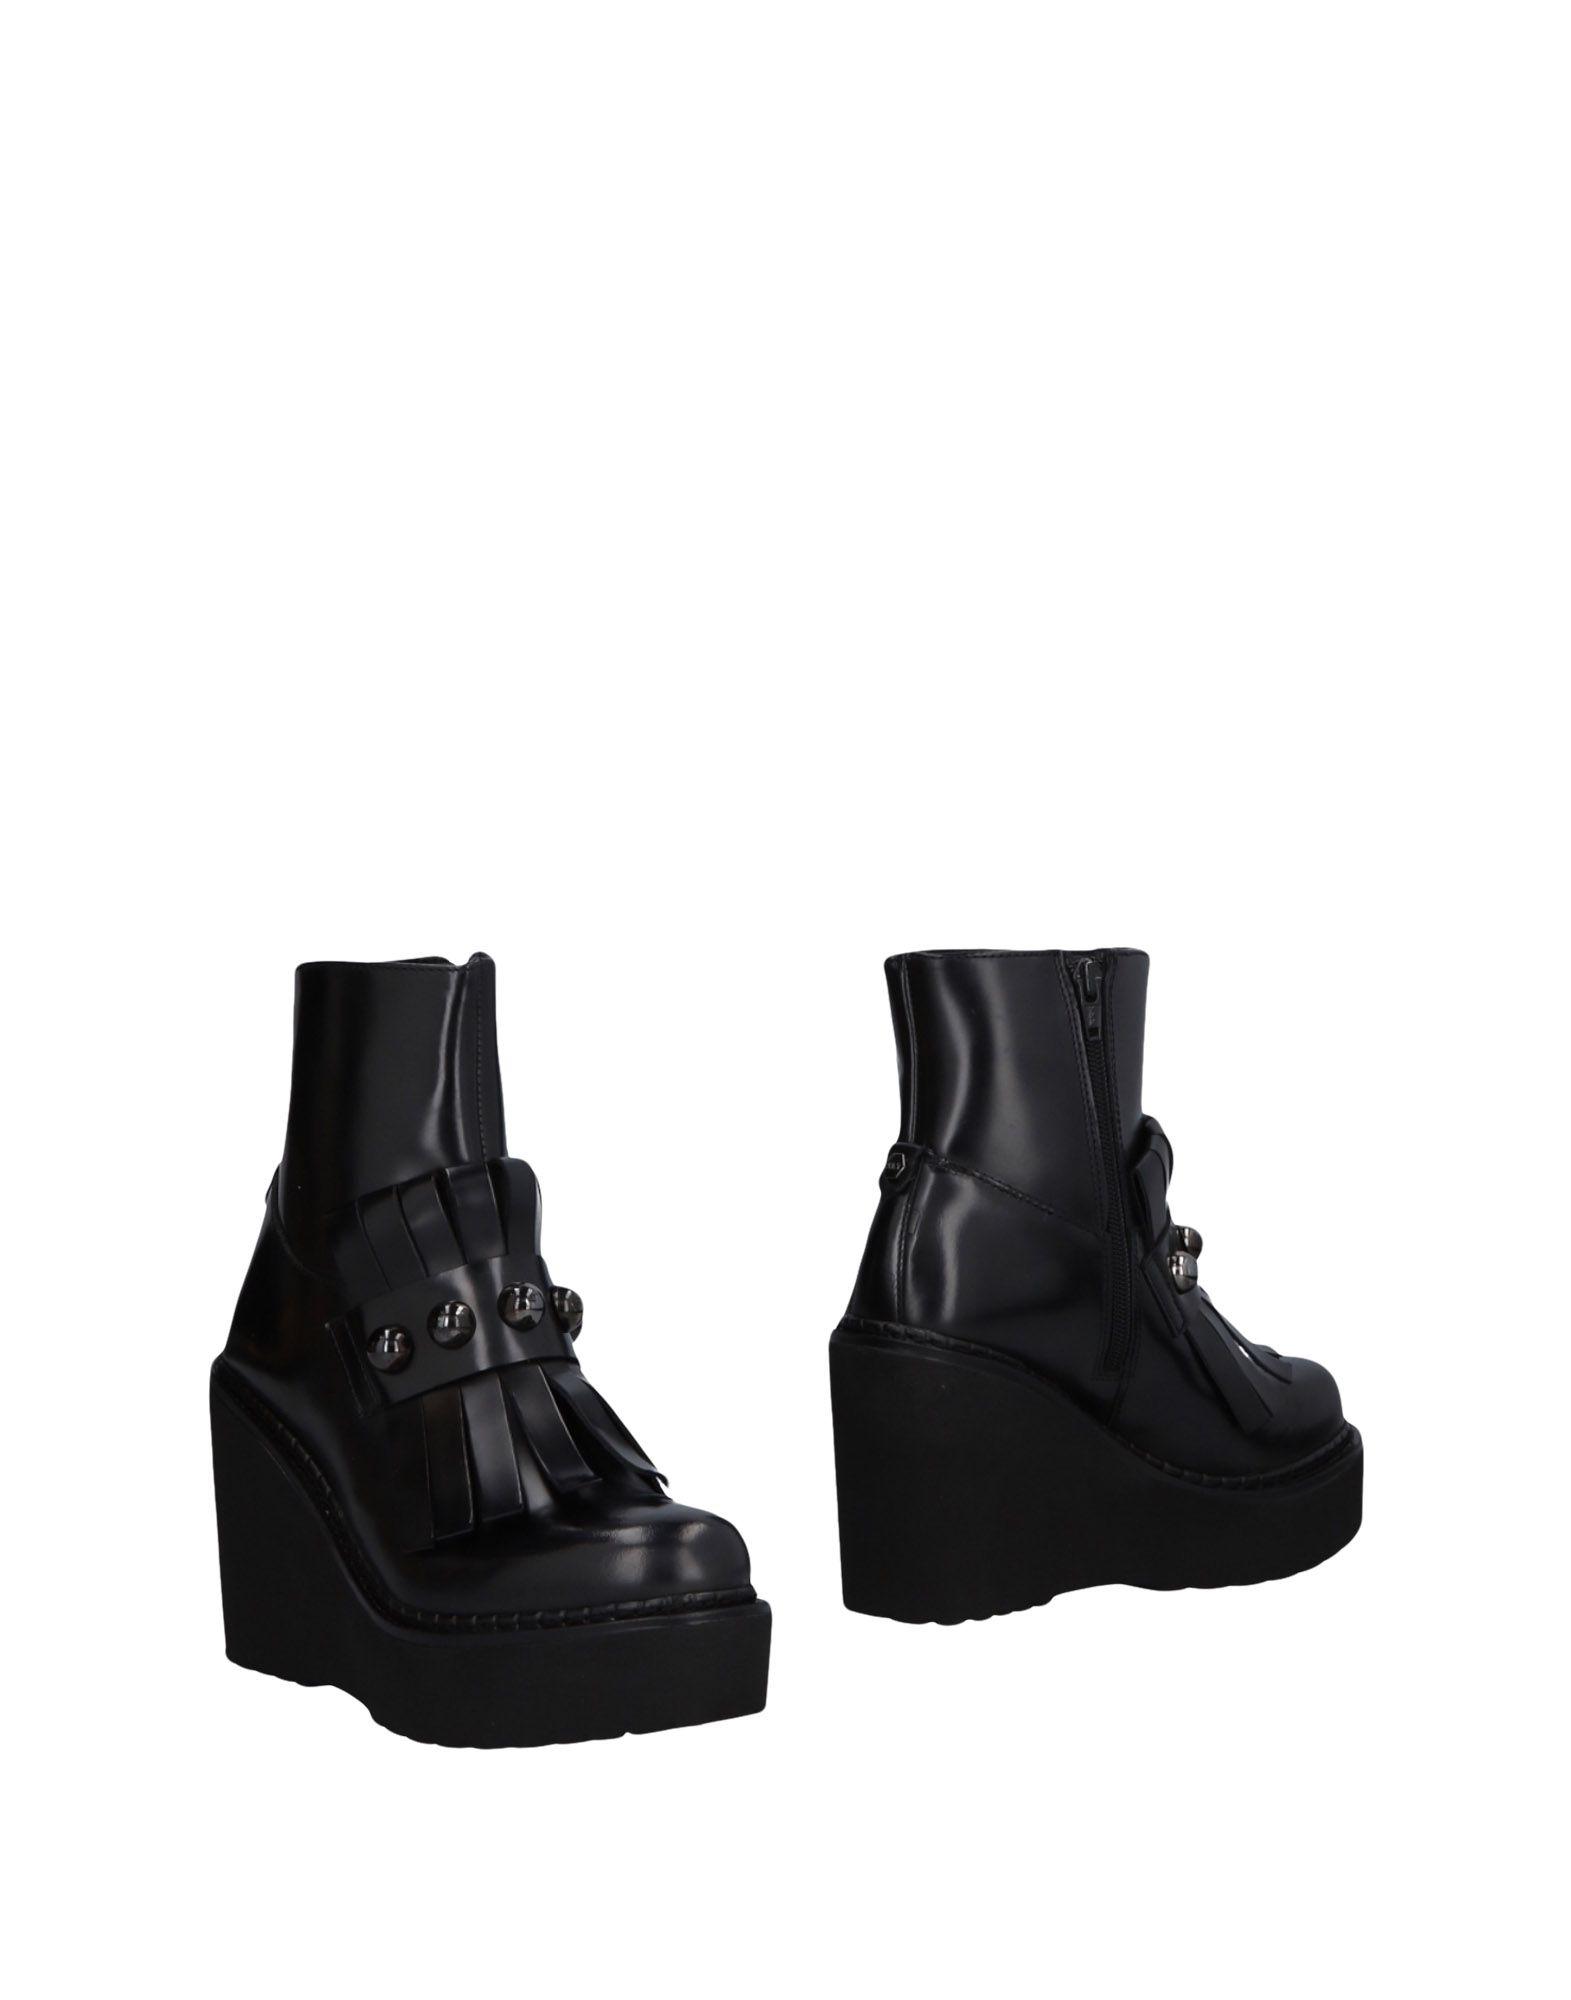 Bottine Cult Femme - Bottines Cult Noir Nouvelles chaussures pour hommes et femmes, remise limitée dans le temps